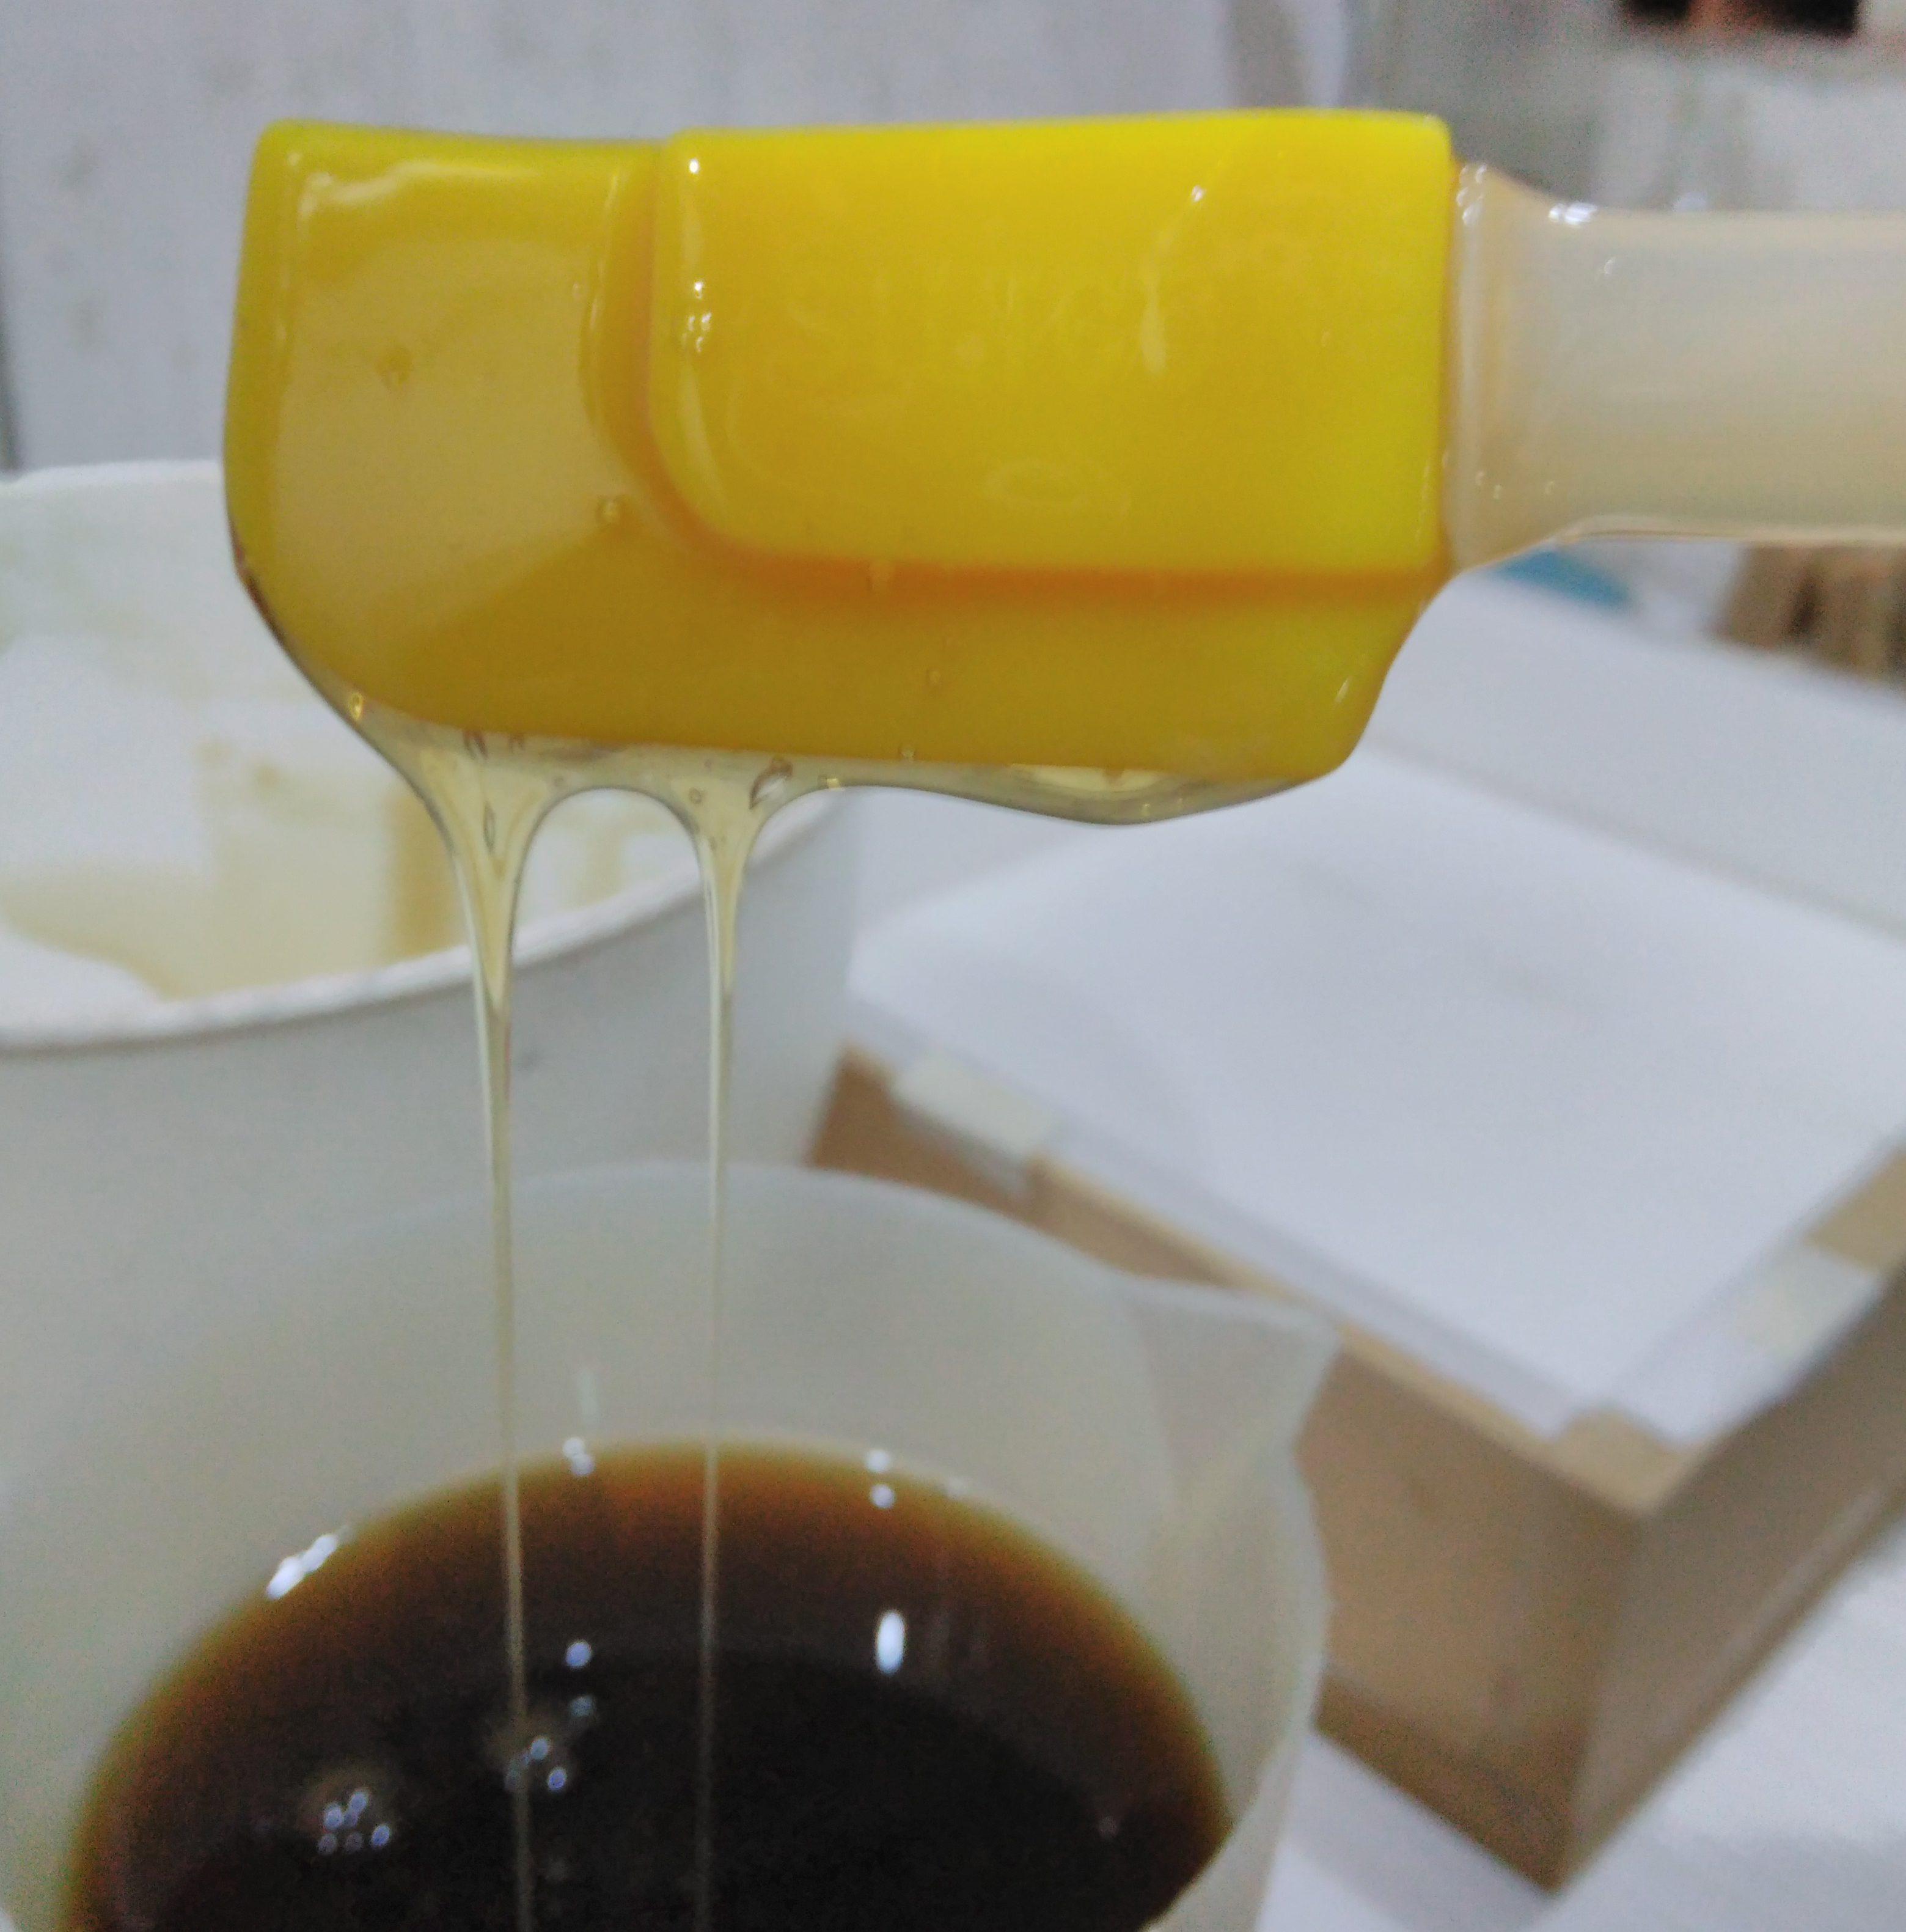 Testando a consistência do shampoo. Sem lauril, sem parabenos, sem corantes. Com extratos vegetais, óleos essenciais e a pureza do processo. Low poo!